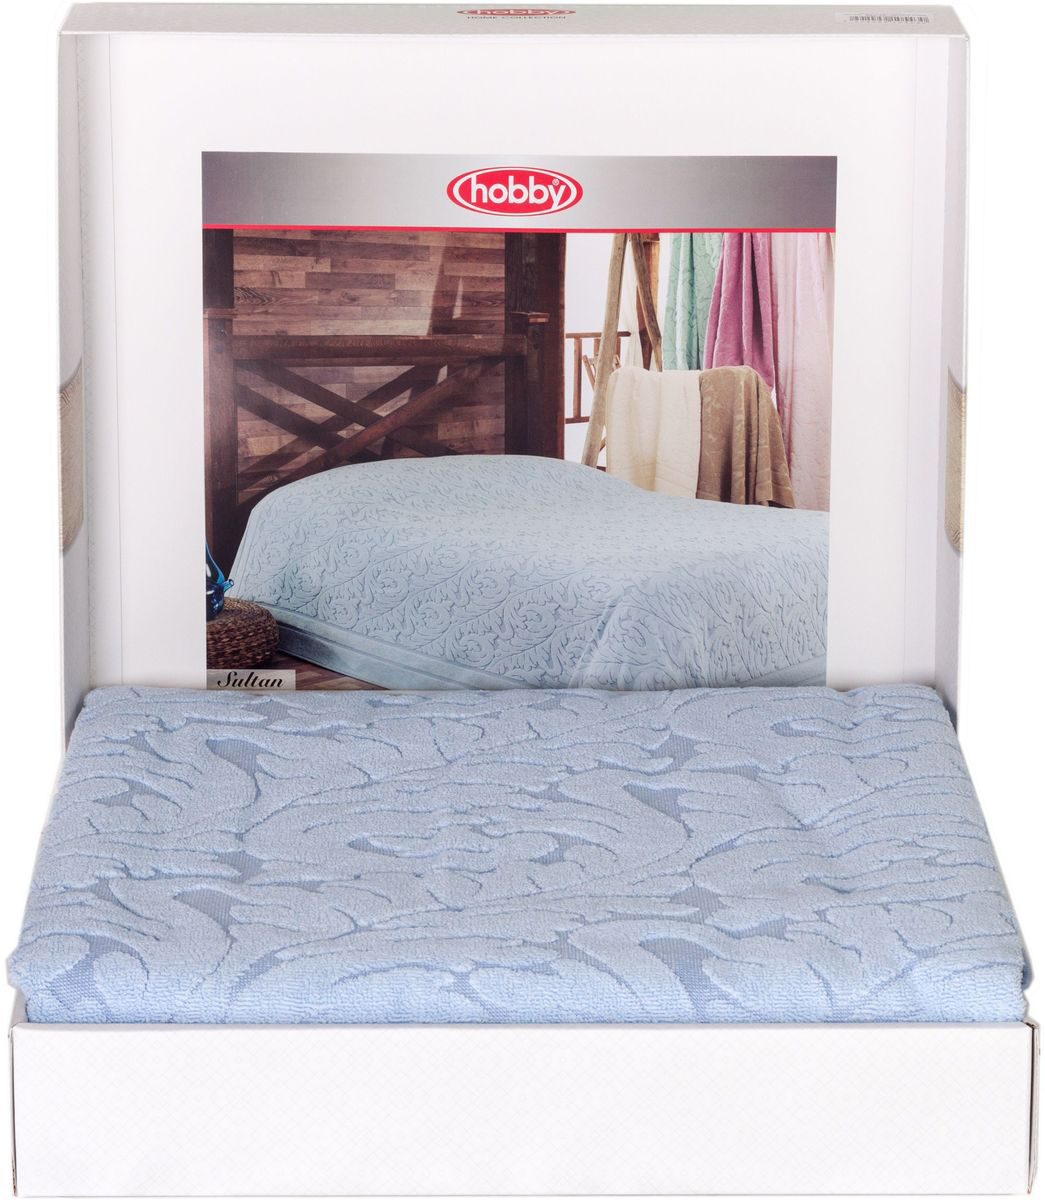 Покрывало Hobby Home Collection Sultan, цвет: голубой, 160 х 200 смBH-UN0502( R)Шикарное покрывало Hobby Home Collection Sultan изготовлено из 100% хлопка высшей категории. Оно обладает замечательными дышащими свойствами и будет хорошо смотреться как на диване, так и на большой кровати. Данное покрывало можно также использовать в качестве одеяла.